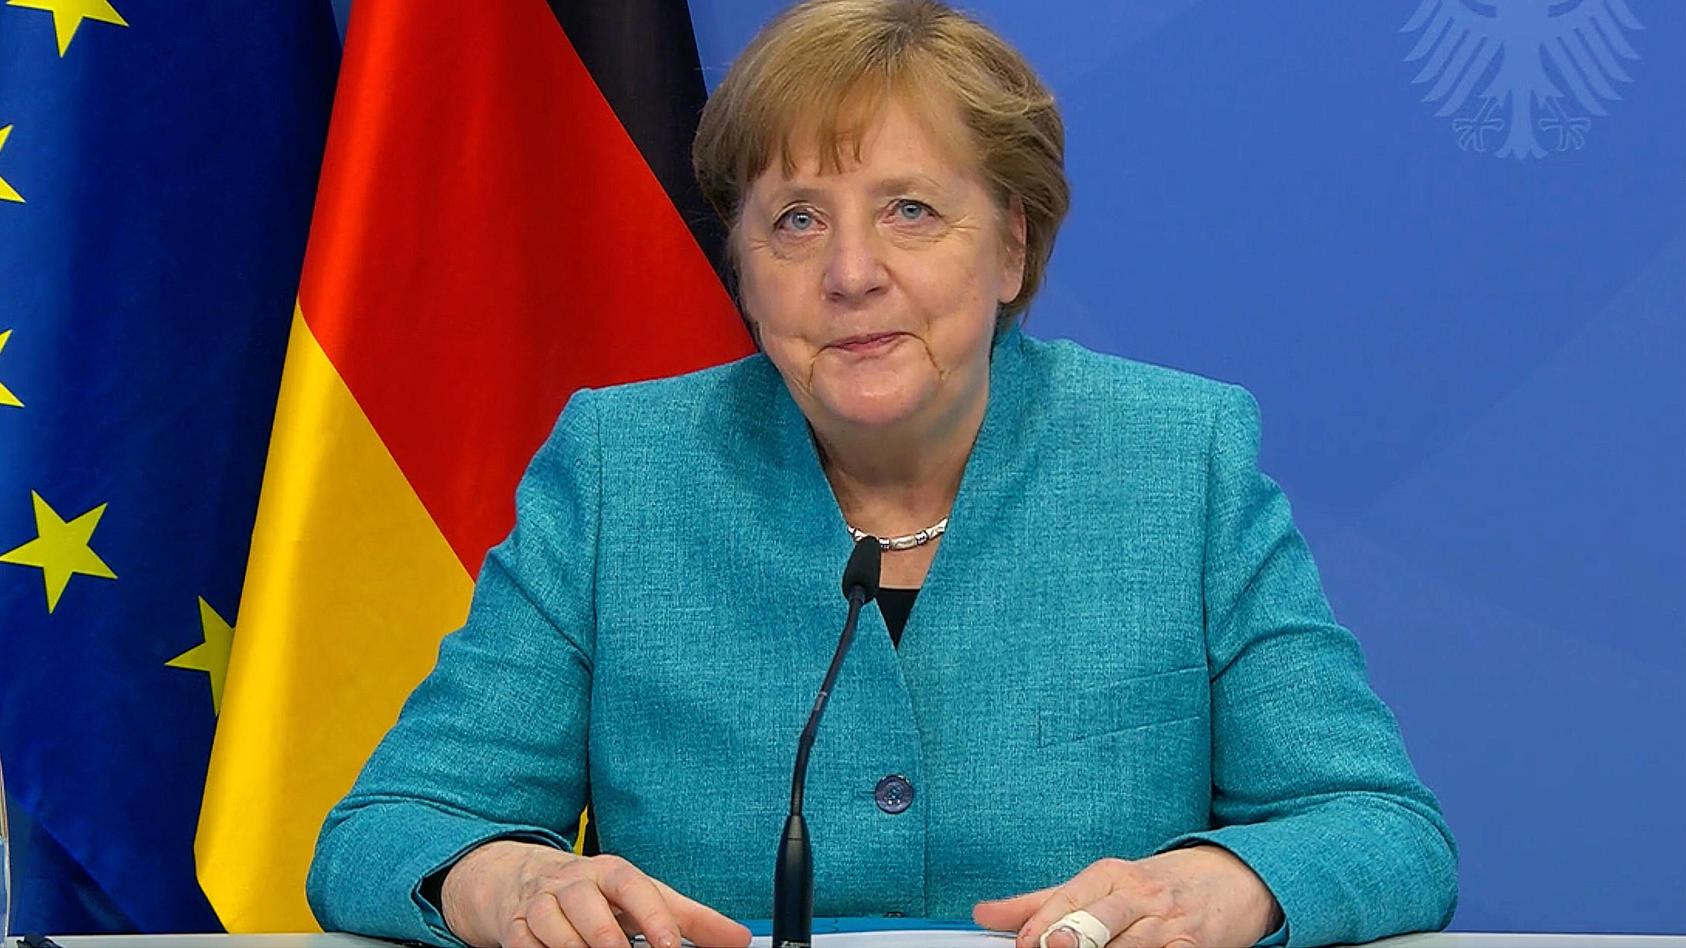 Angela Merkel gilt als die mächtigste Frau der Welt – doch schon bald endet die Ära der Kanzlerin.